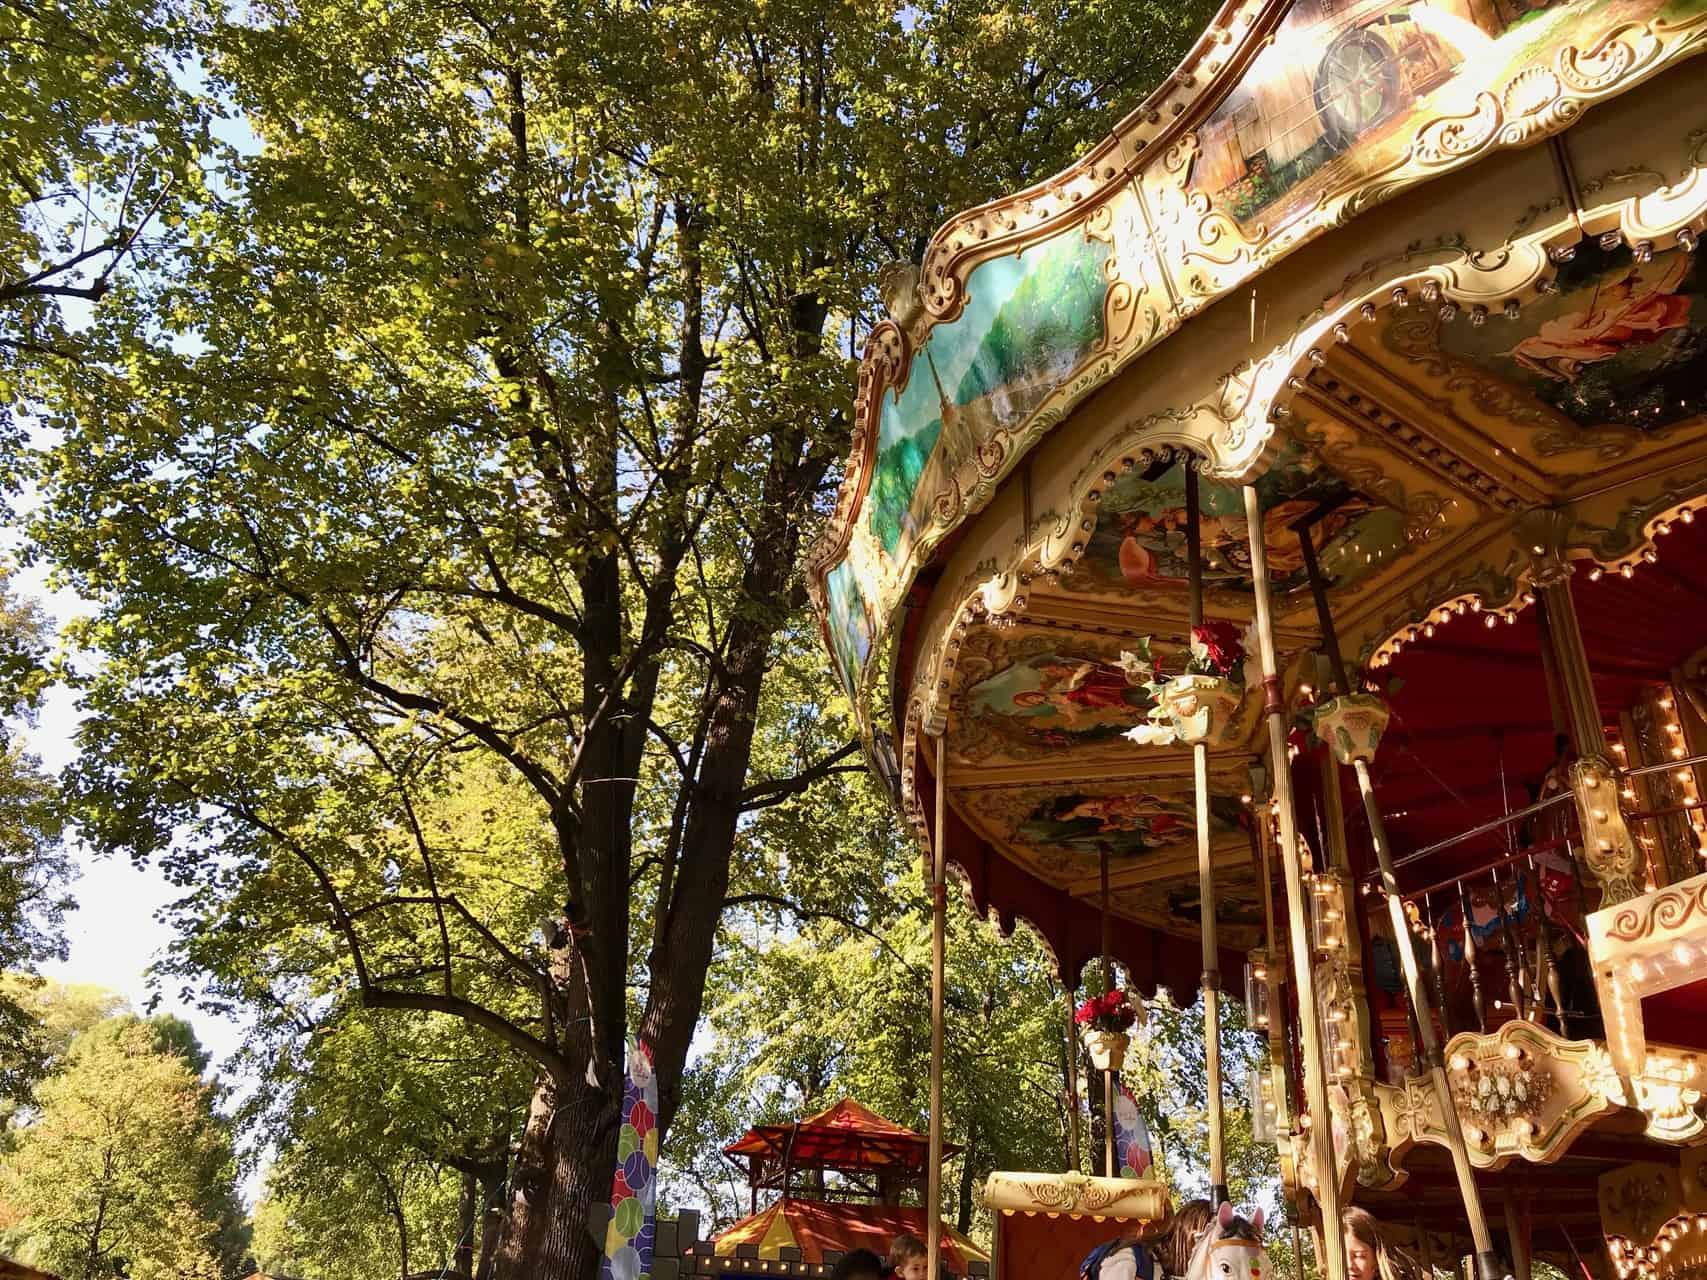 Nostalgie pur: Das zweistöckige Karussell auf dem Petersplatz (Bild: M. Schäfer, Textrakt)